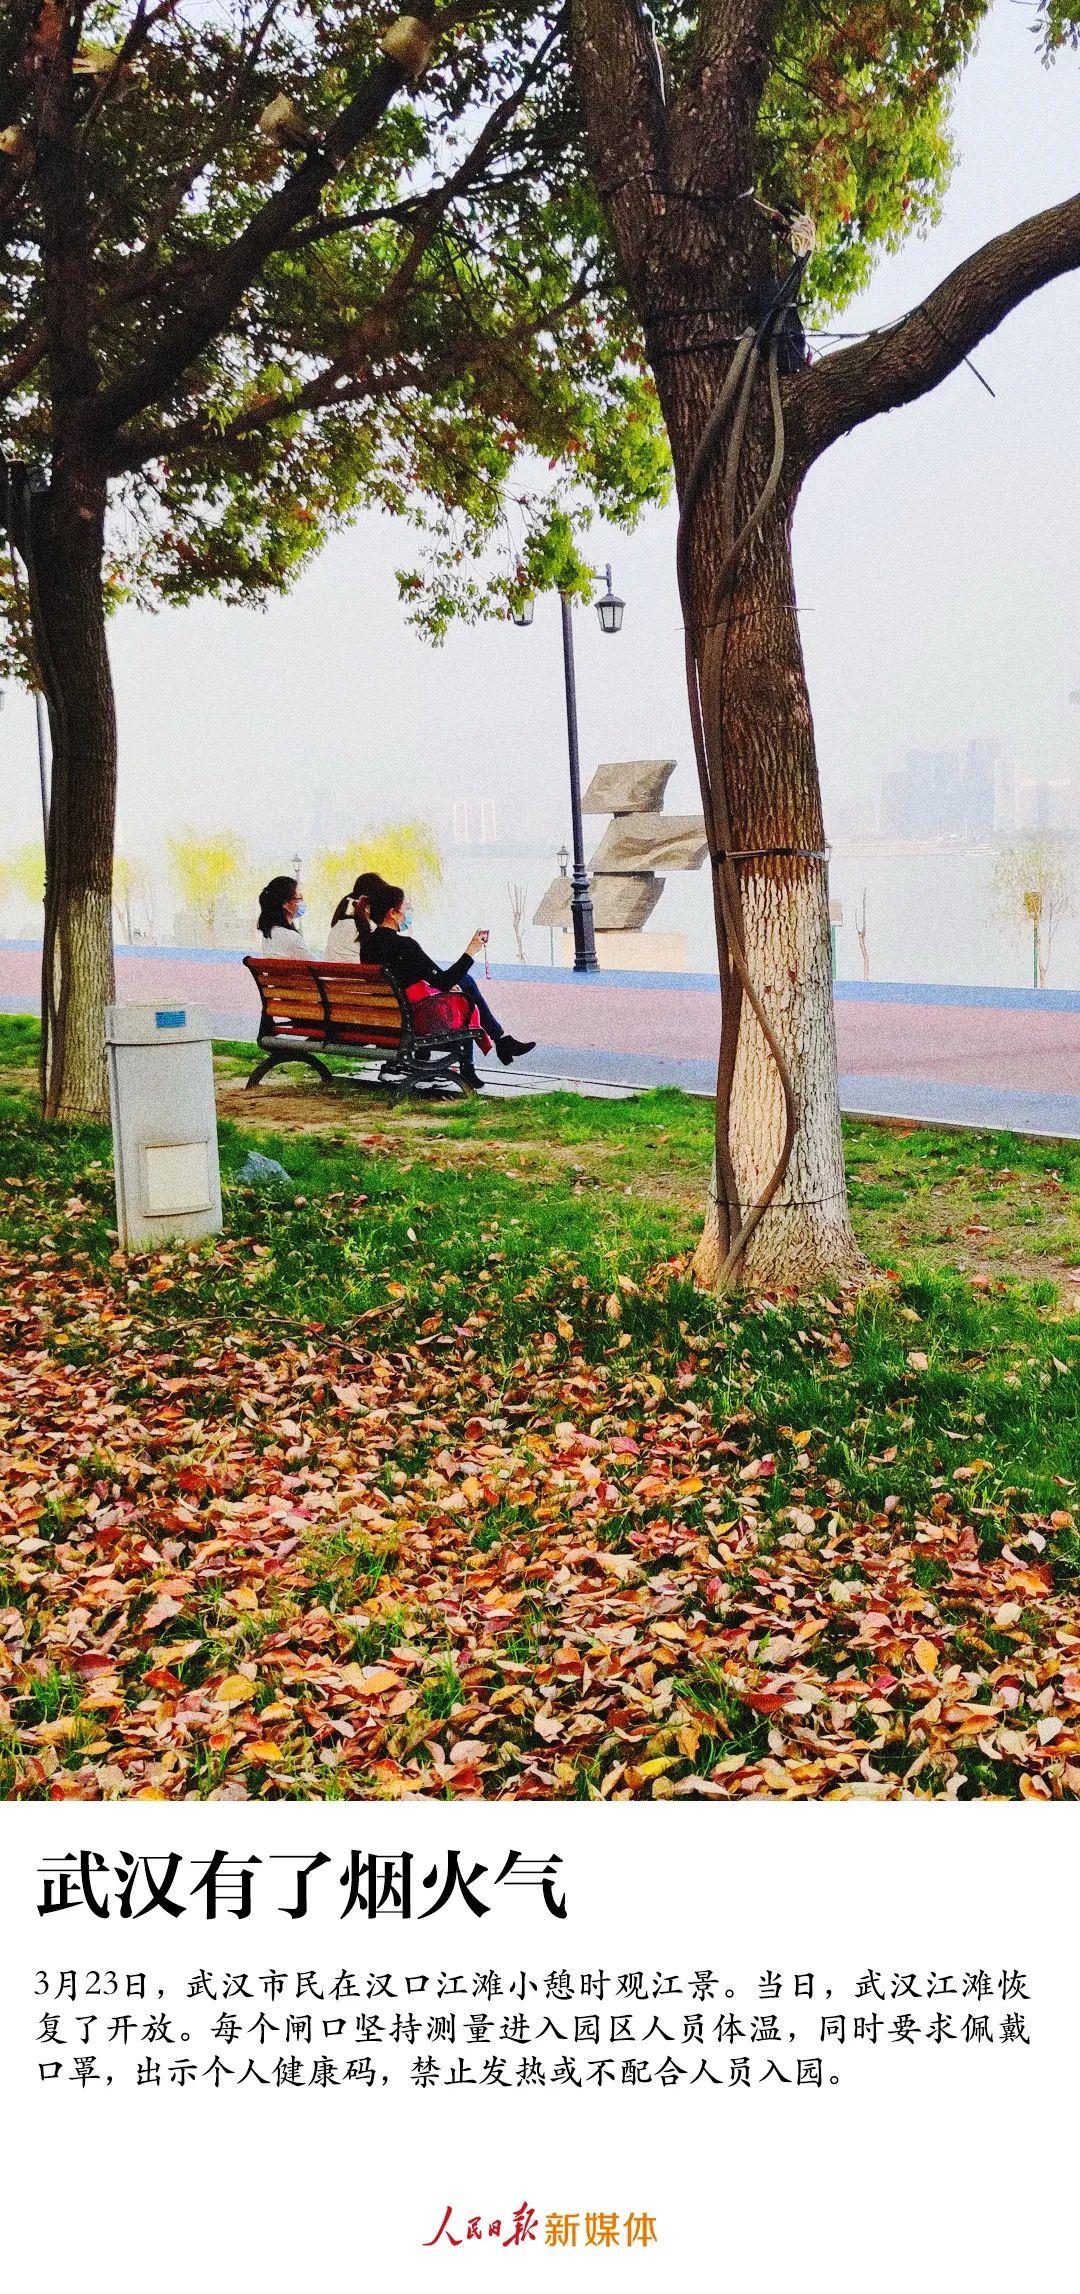 武汉有了烟火气